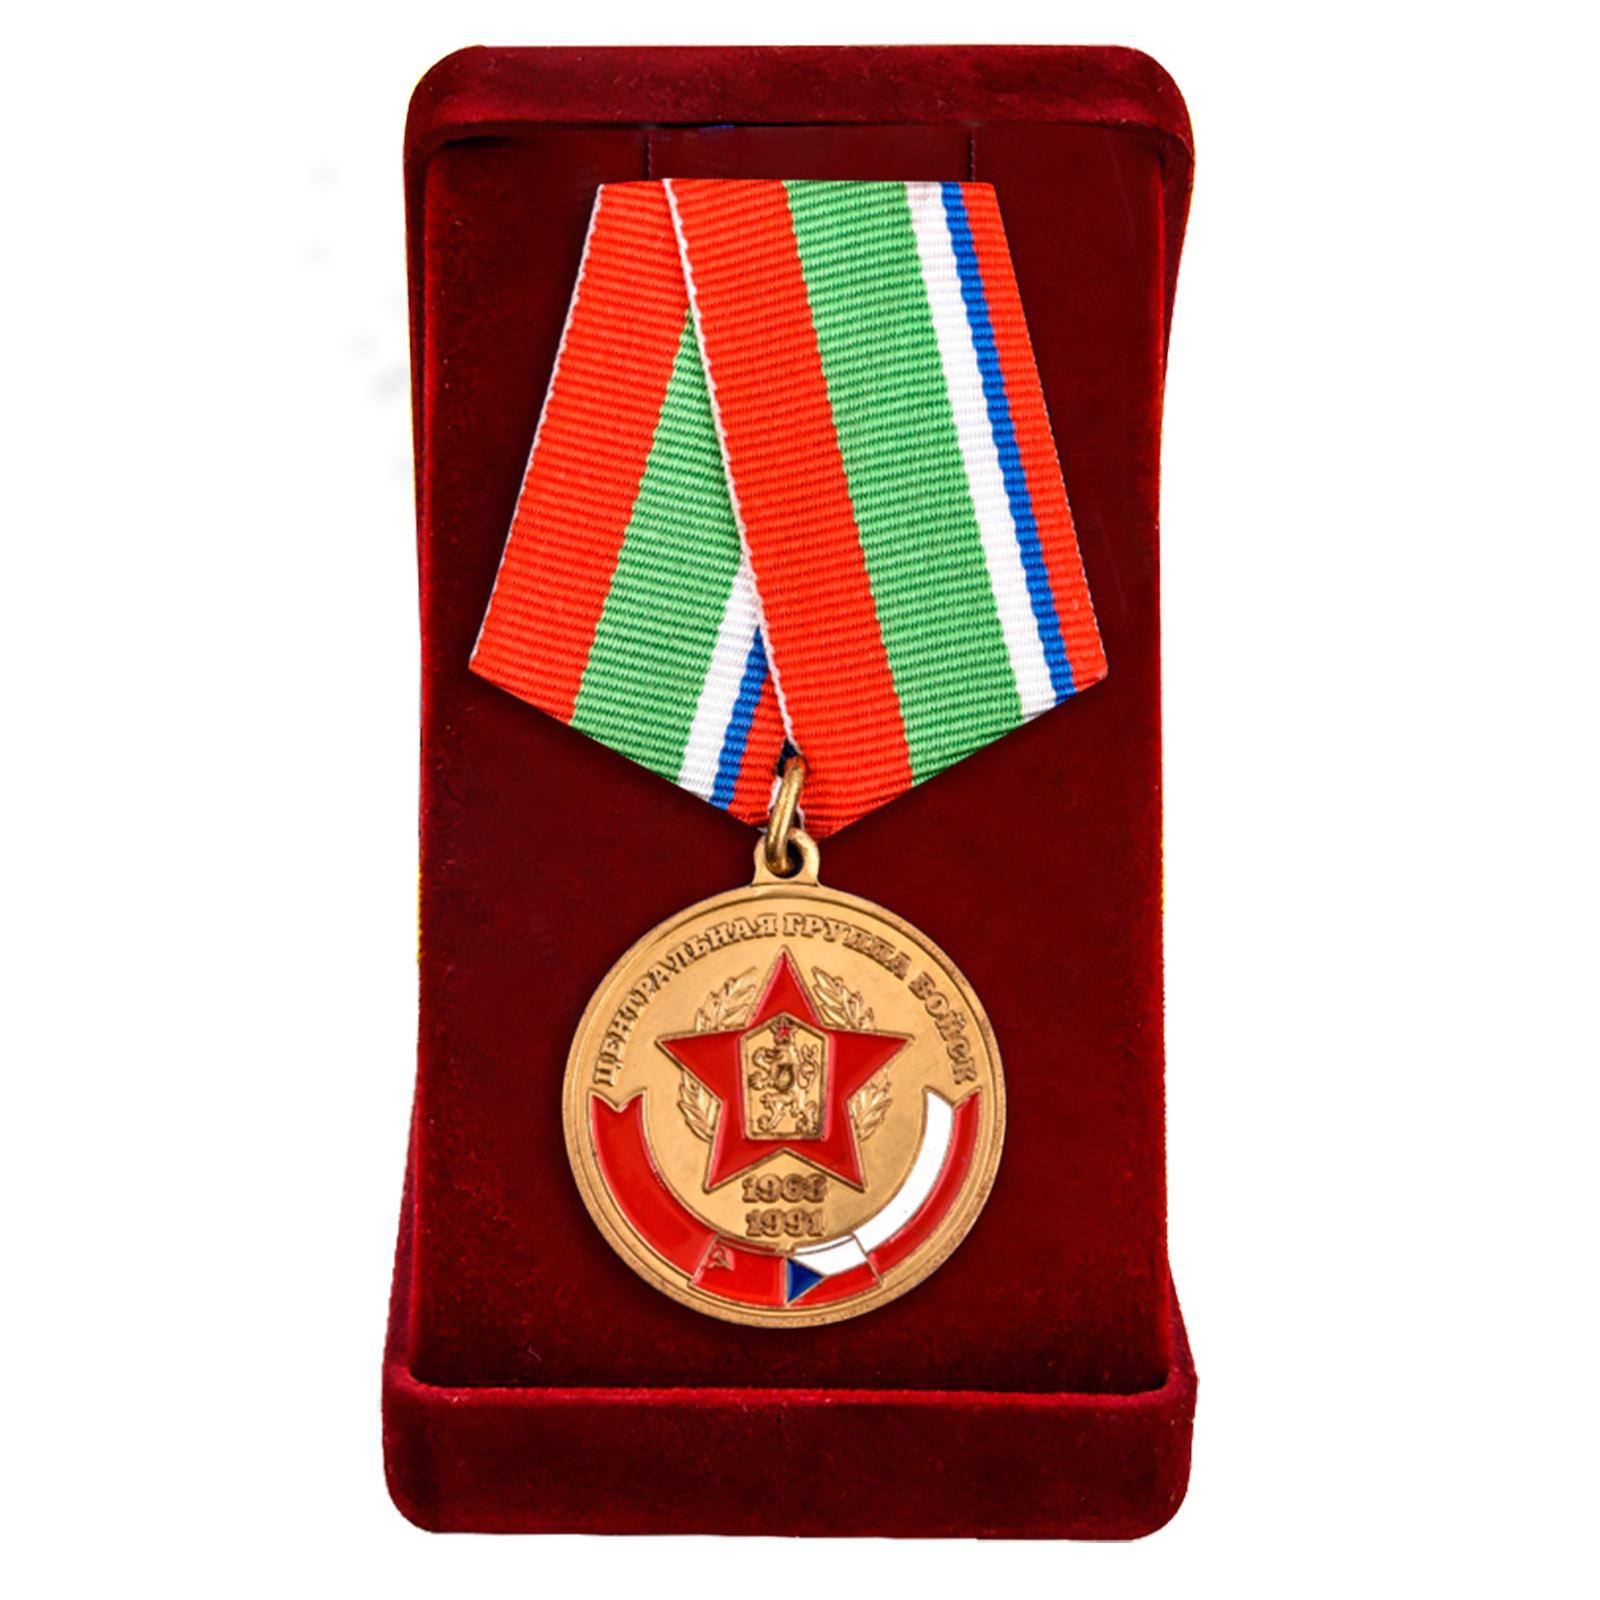 Купить медаль ЦГВ В память о службе (1968-1991) выгодно